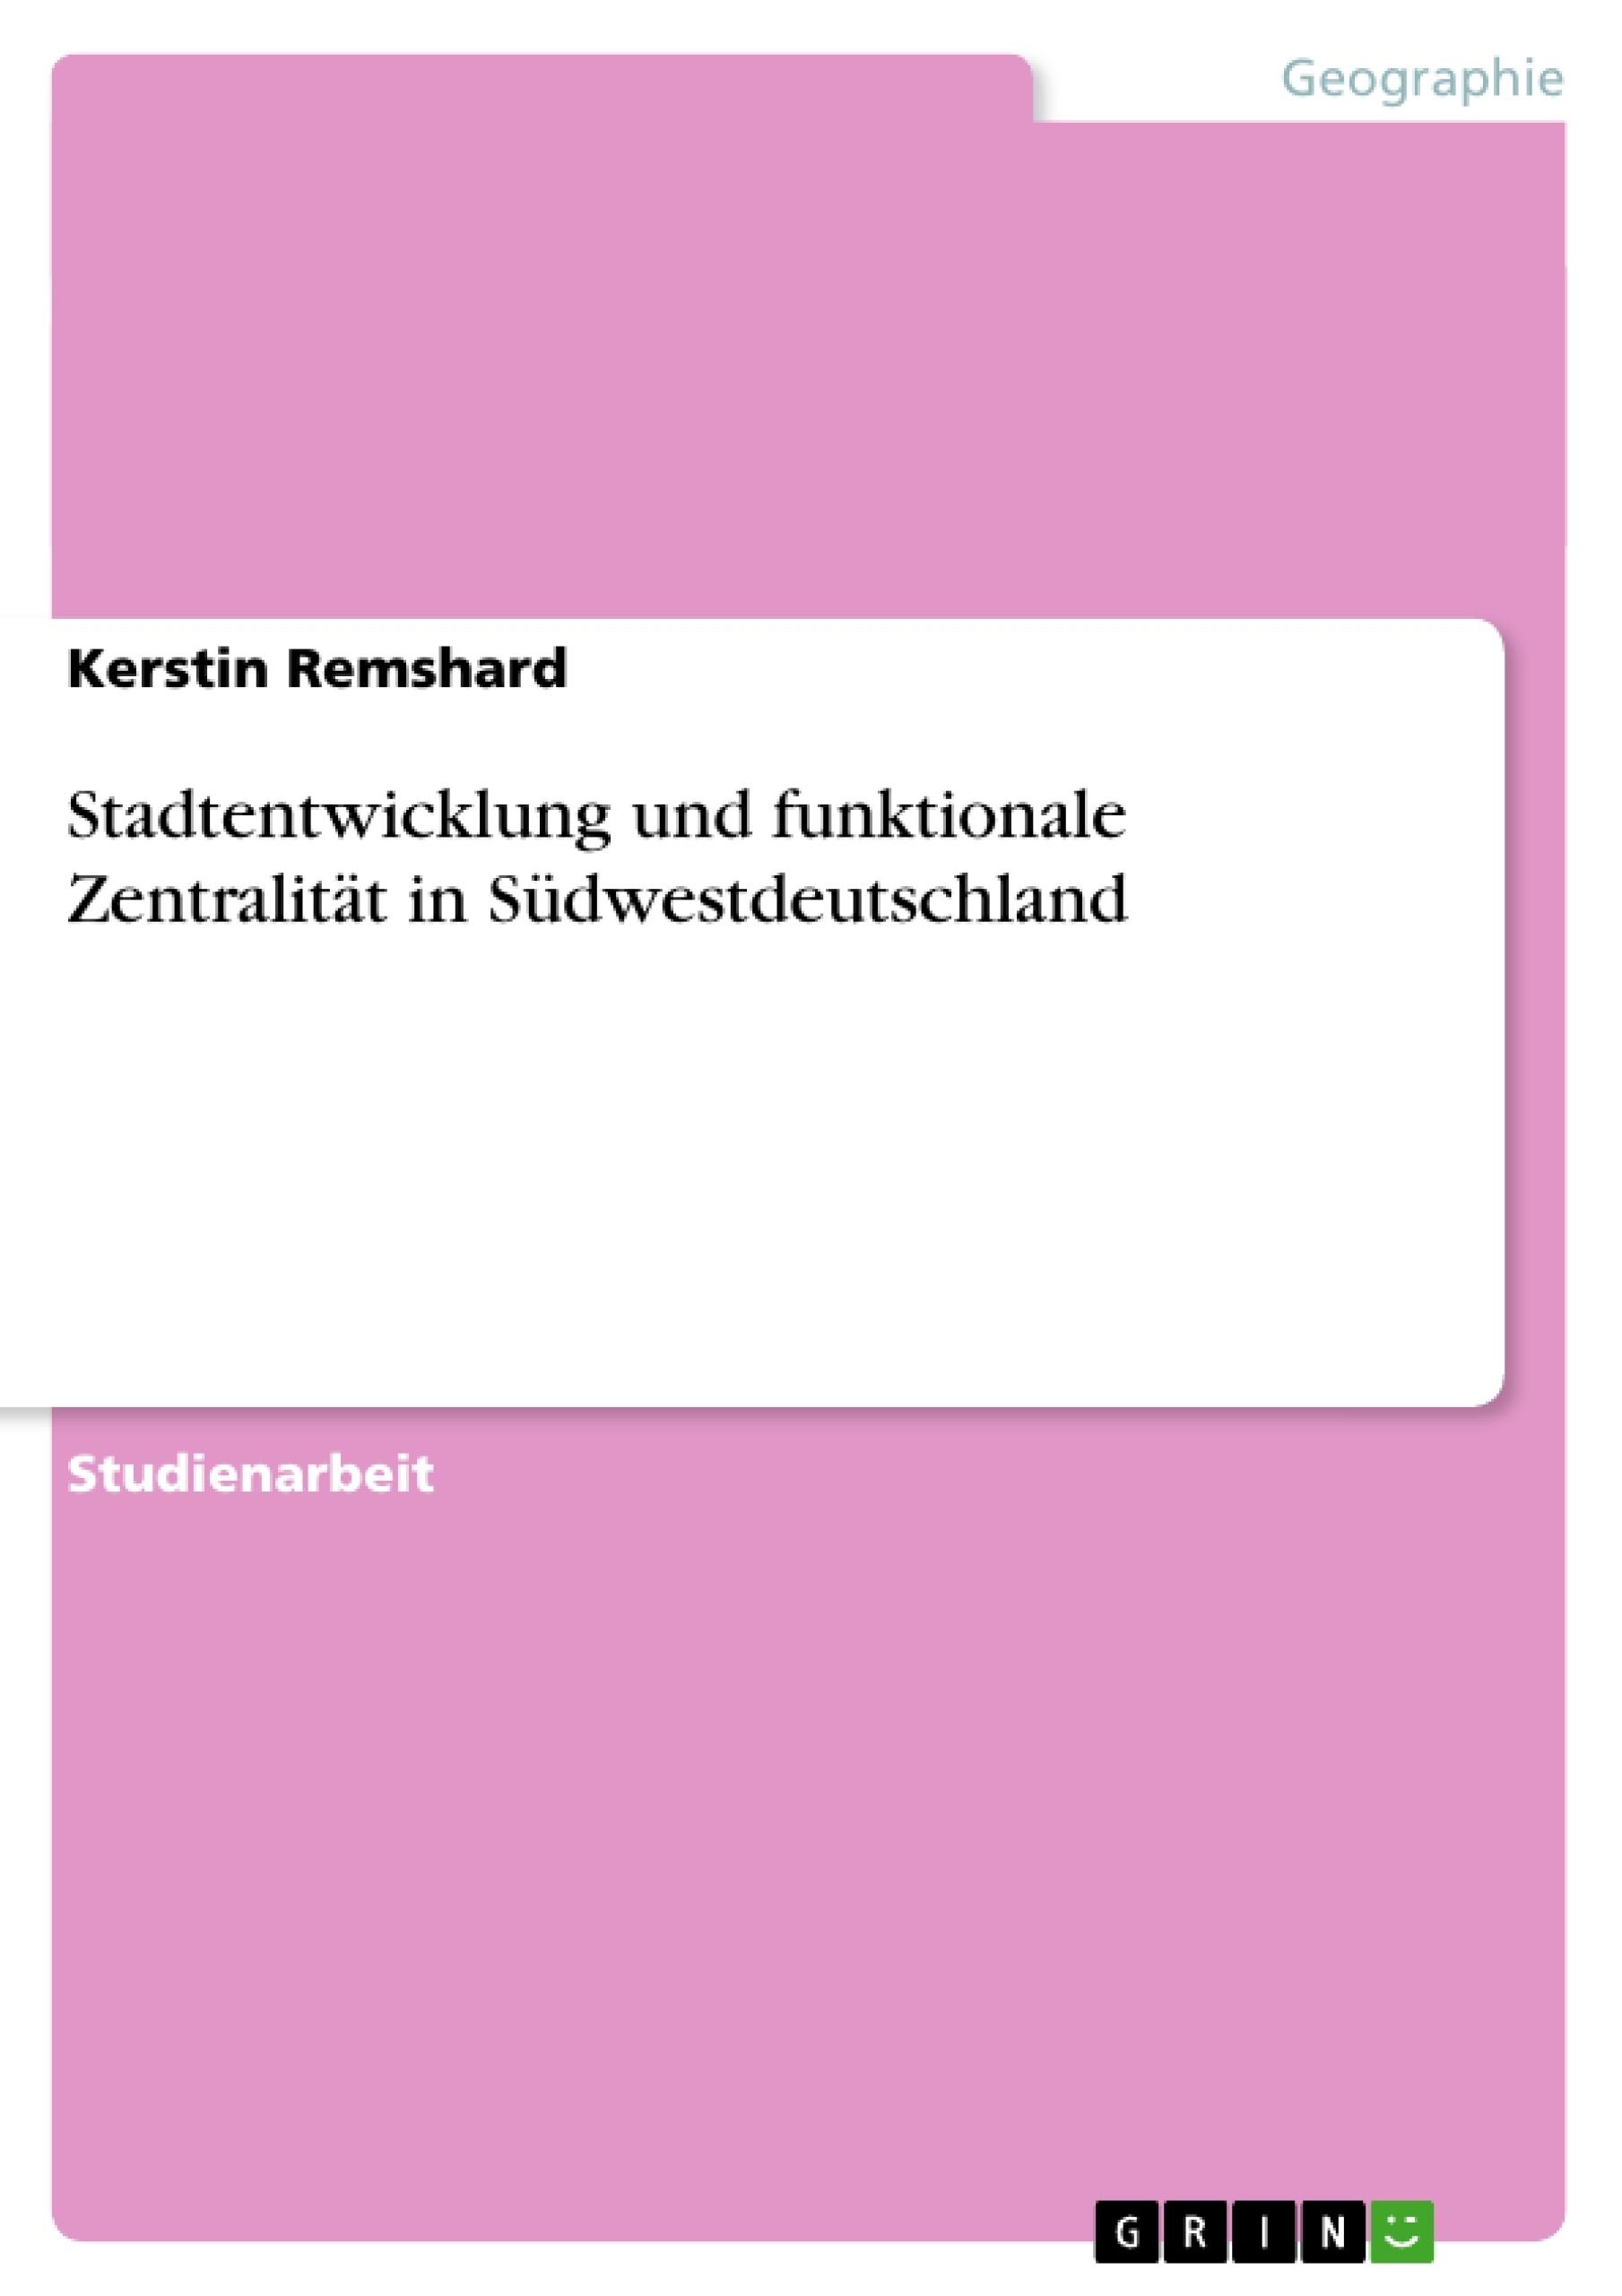 Titel: Stadtentwicklung und funktionale Zentralität in Südwestdeutschland